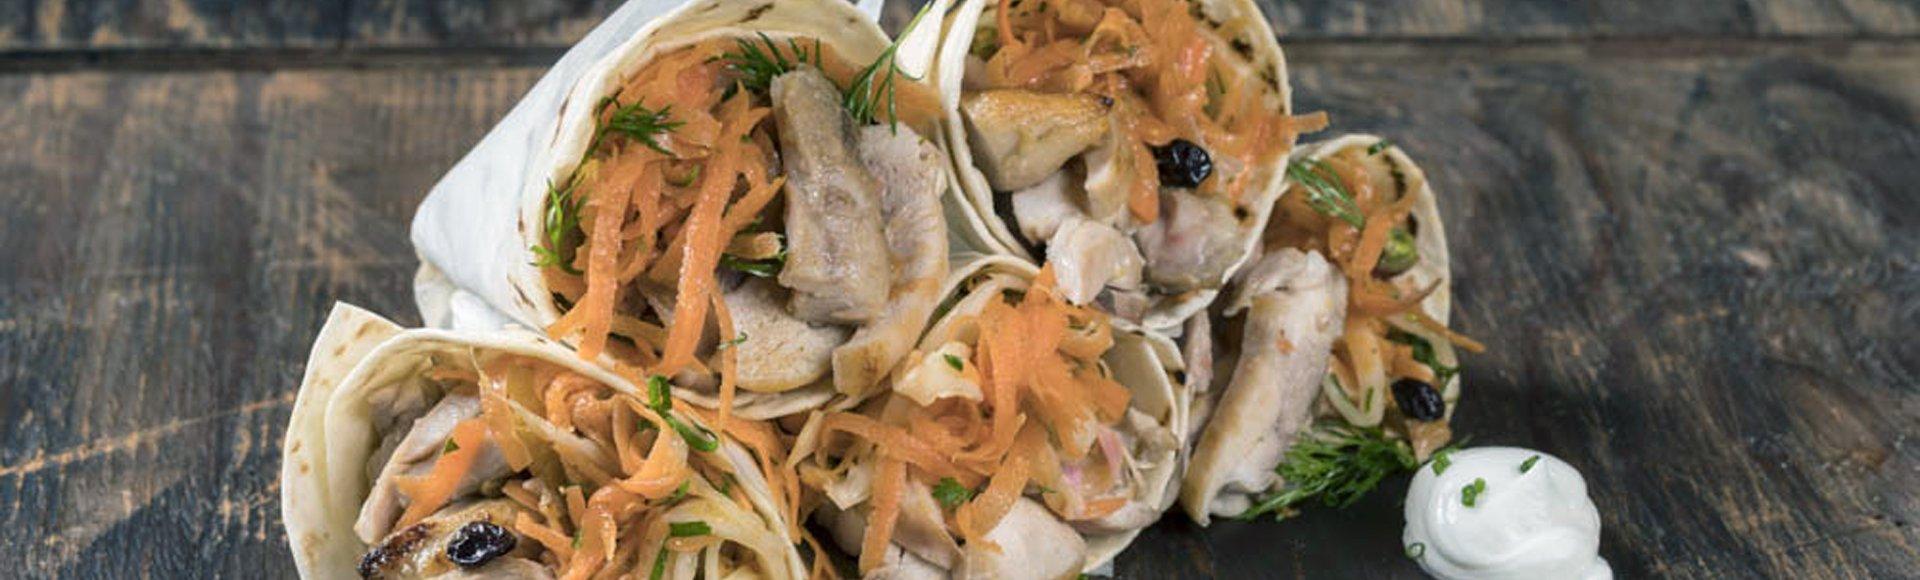 Πιτάκι τυλιχτό με κοτόπουλο και καροτοσαλάτα